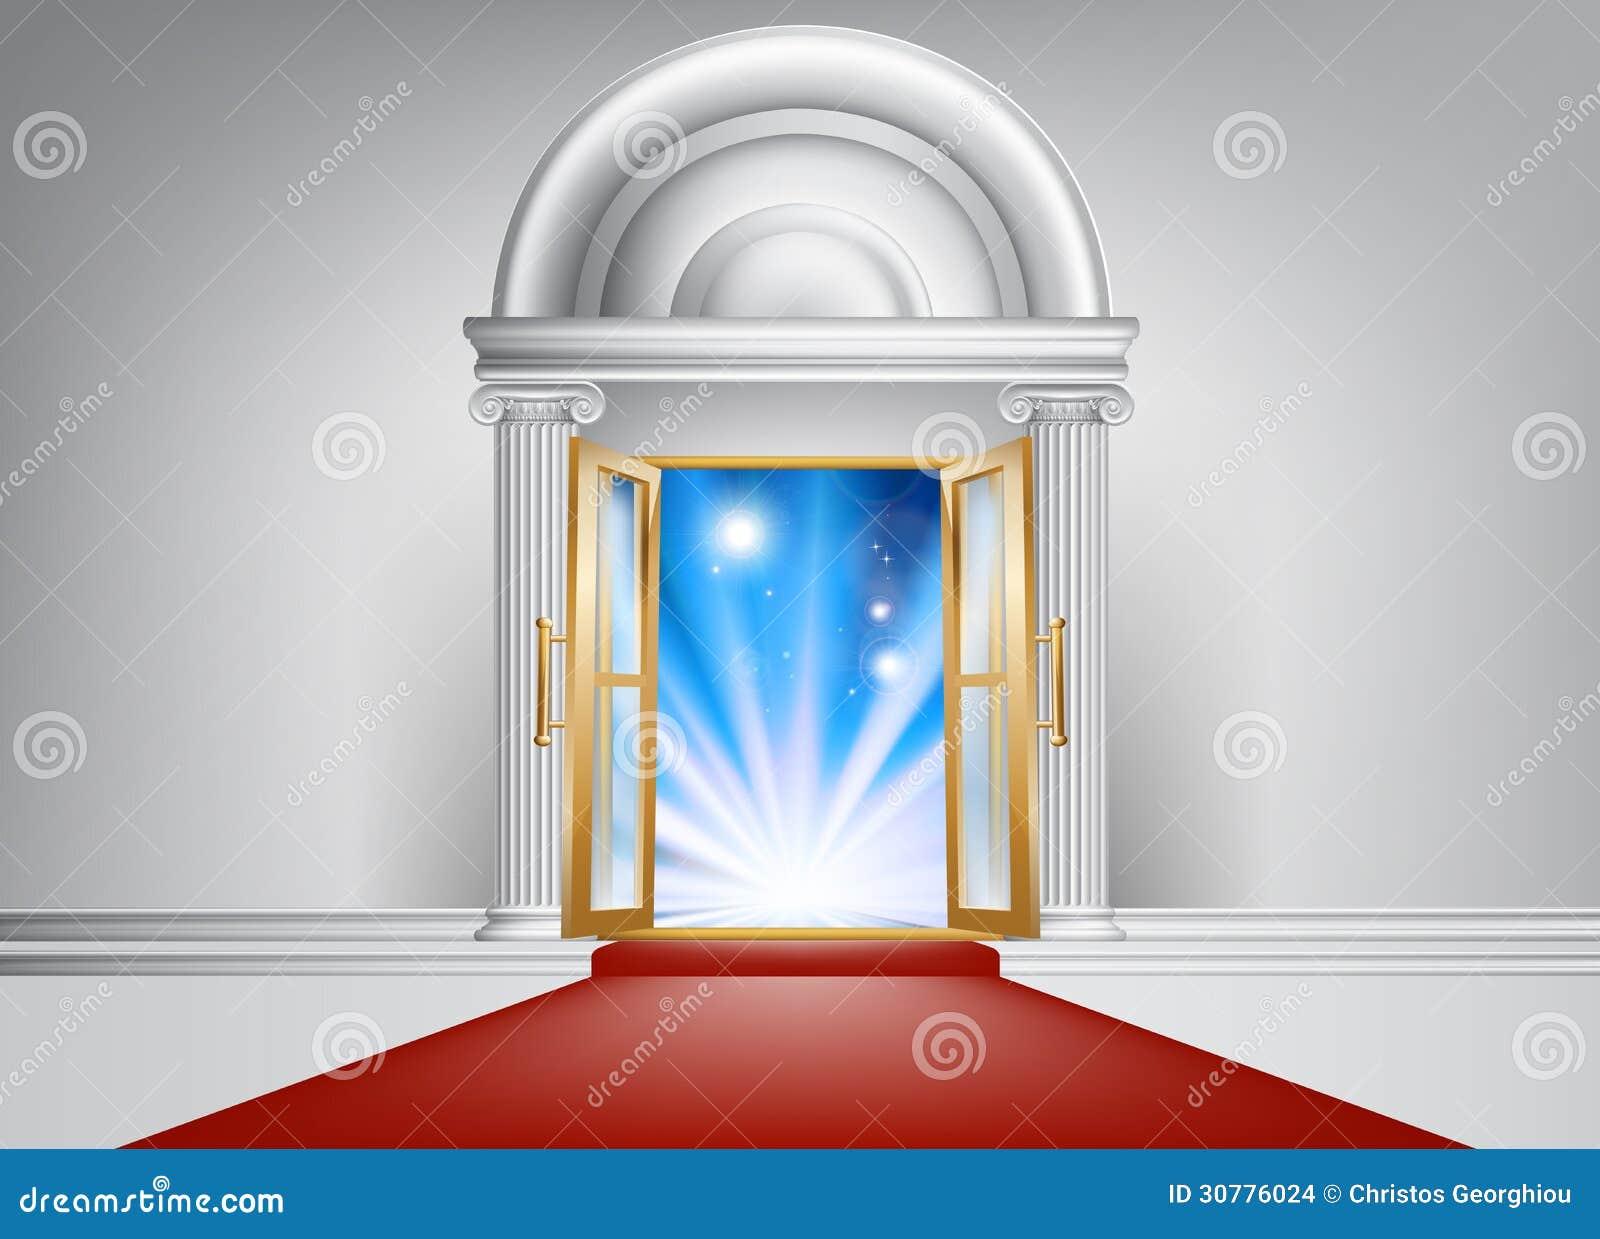 Vip Door Stock Images Image 30776024